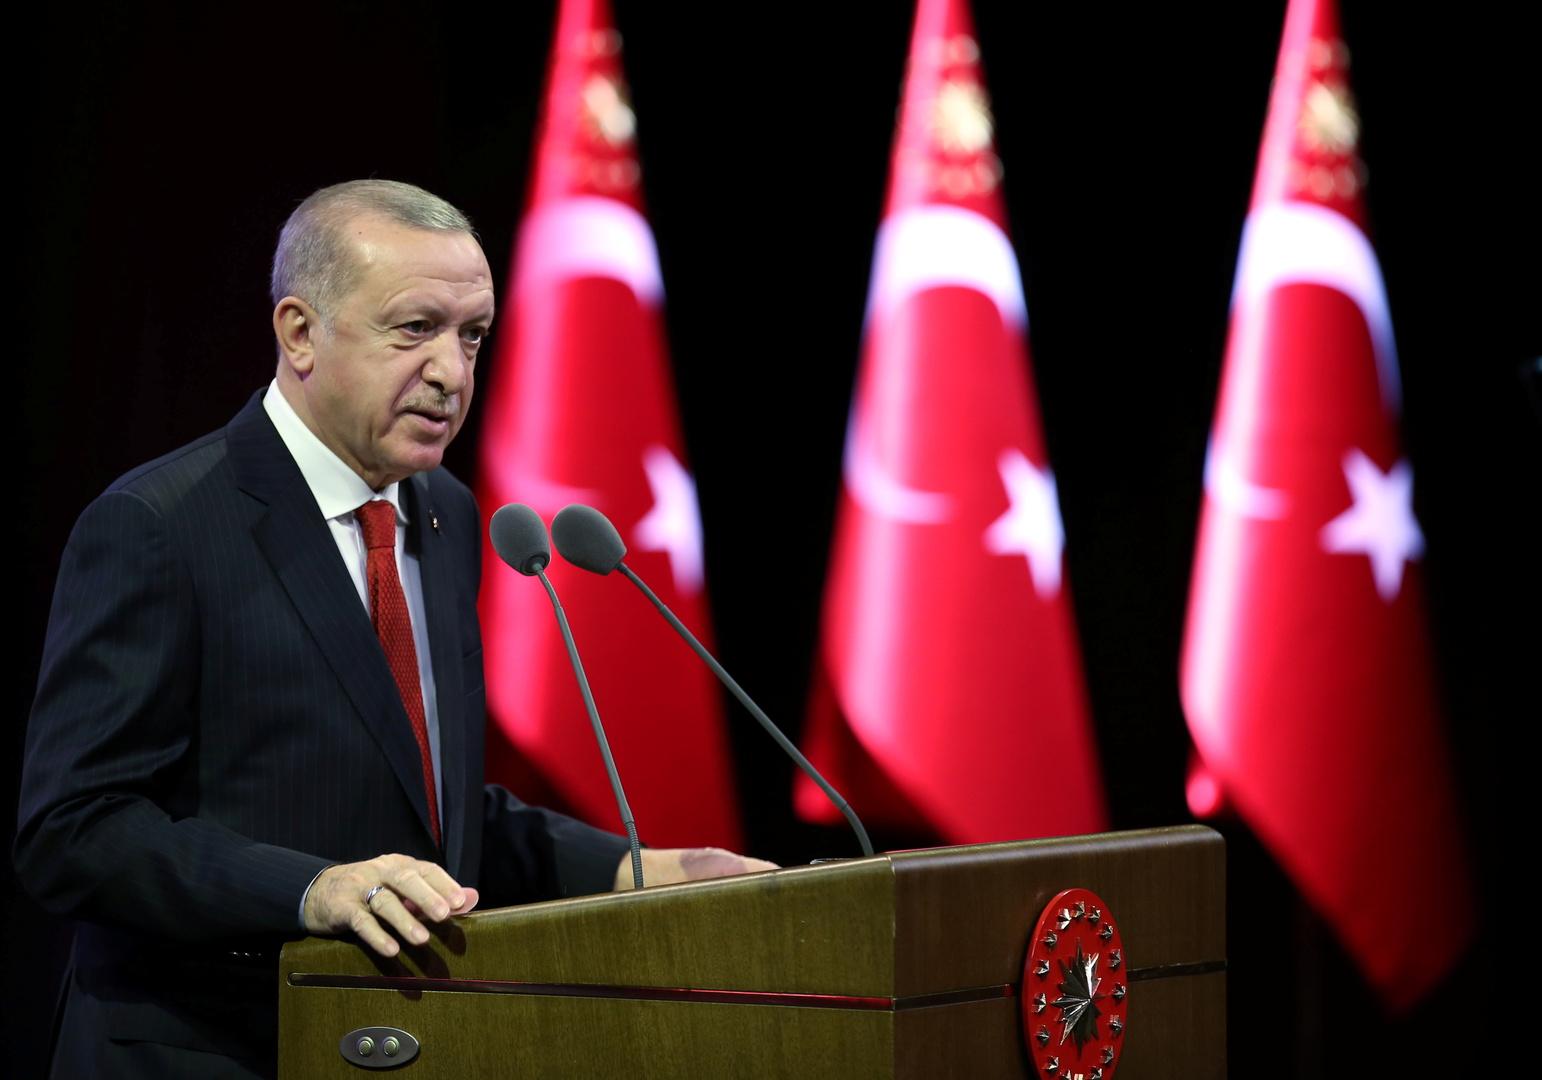 أردوغان: النظام العالمي القائم على الجشع والهيمنة والظلم لن ينجح